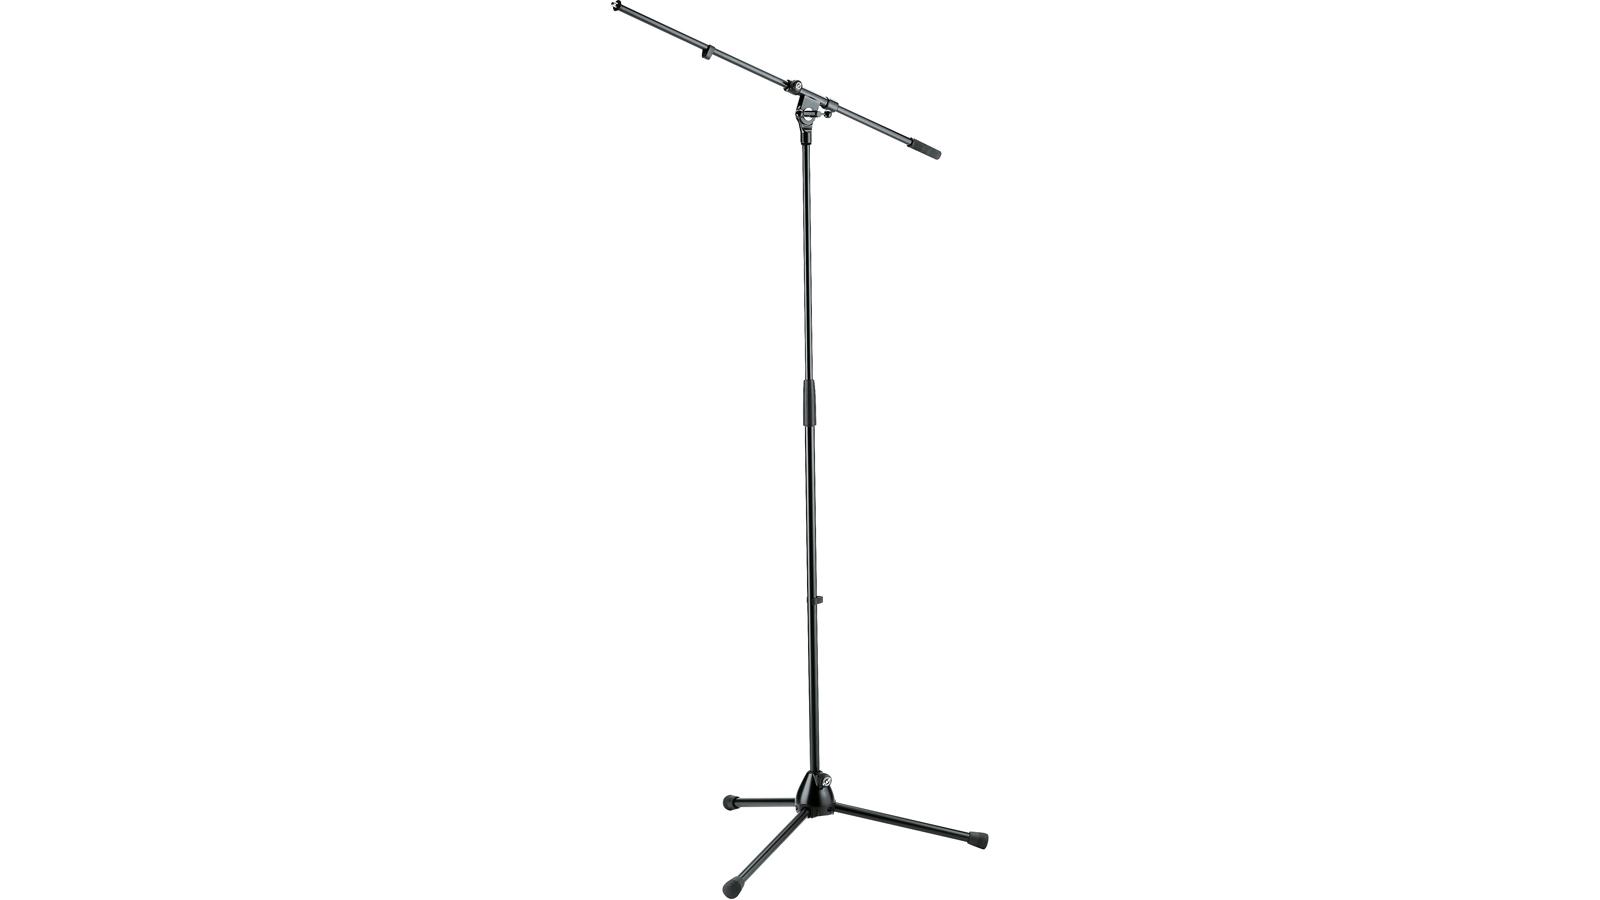 K&M 21020-300-55 Mikrofonstativ mit Schwenkarm schwarz